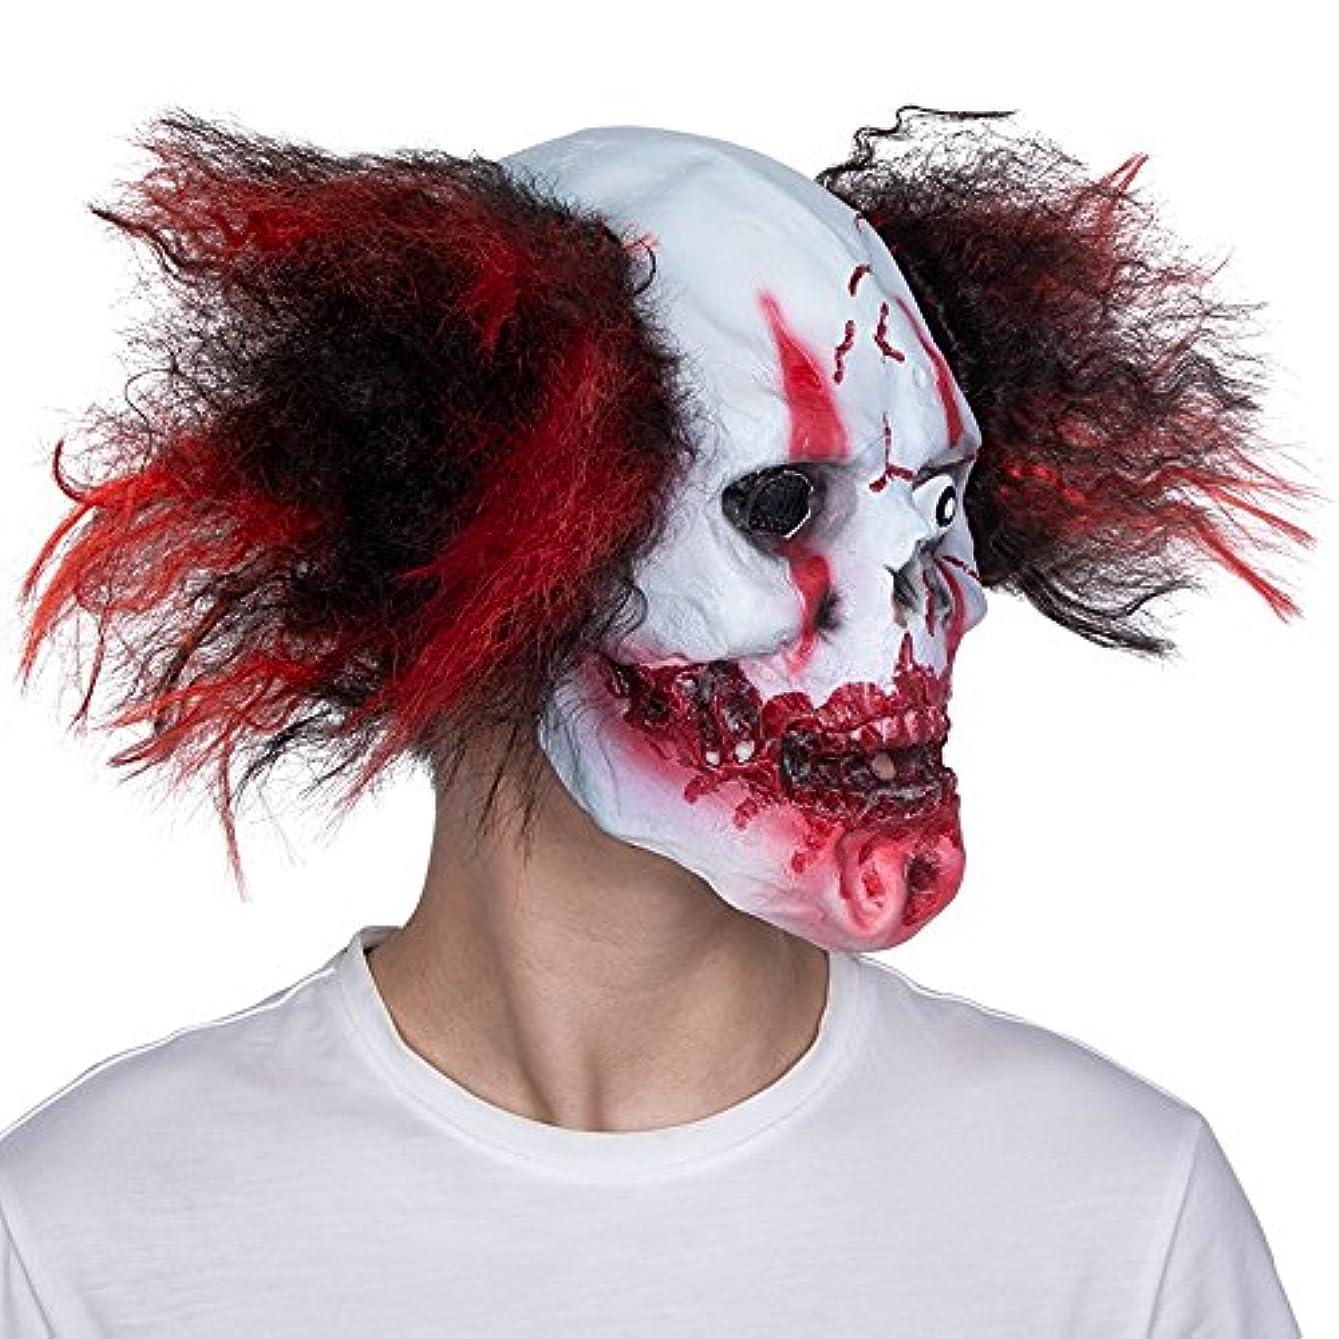 印象派ブロックする地域のハロウィーンホワイトマスク大人男性フルフェイスホラー骷髅悪魔ラテックスフードなりすまし怖いマスクダンス